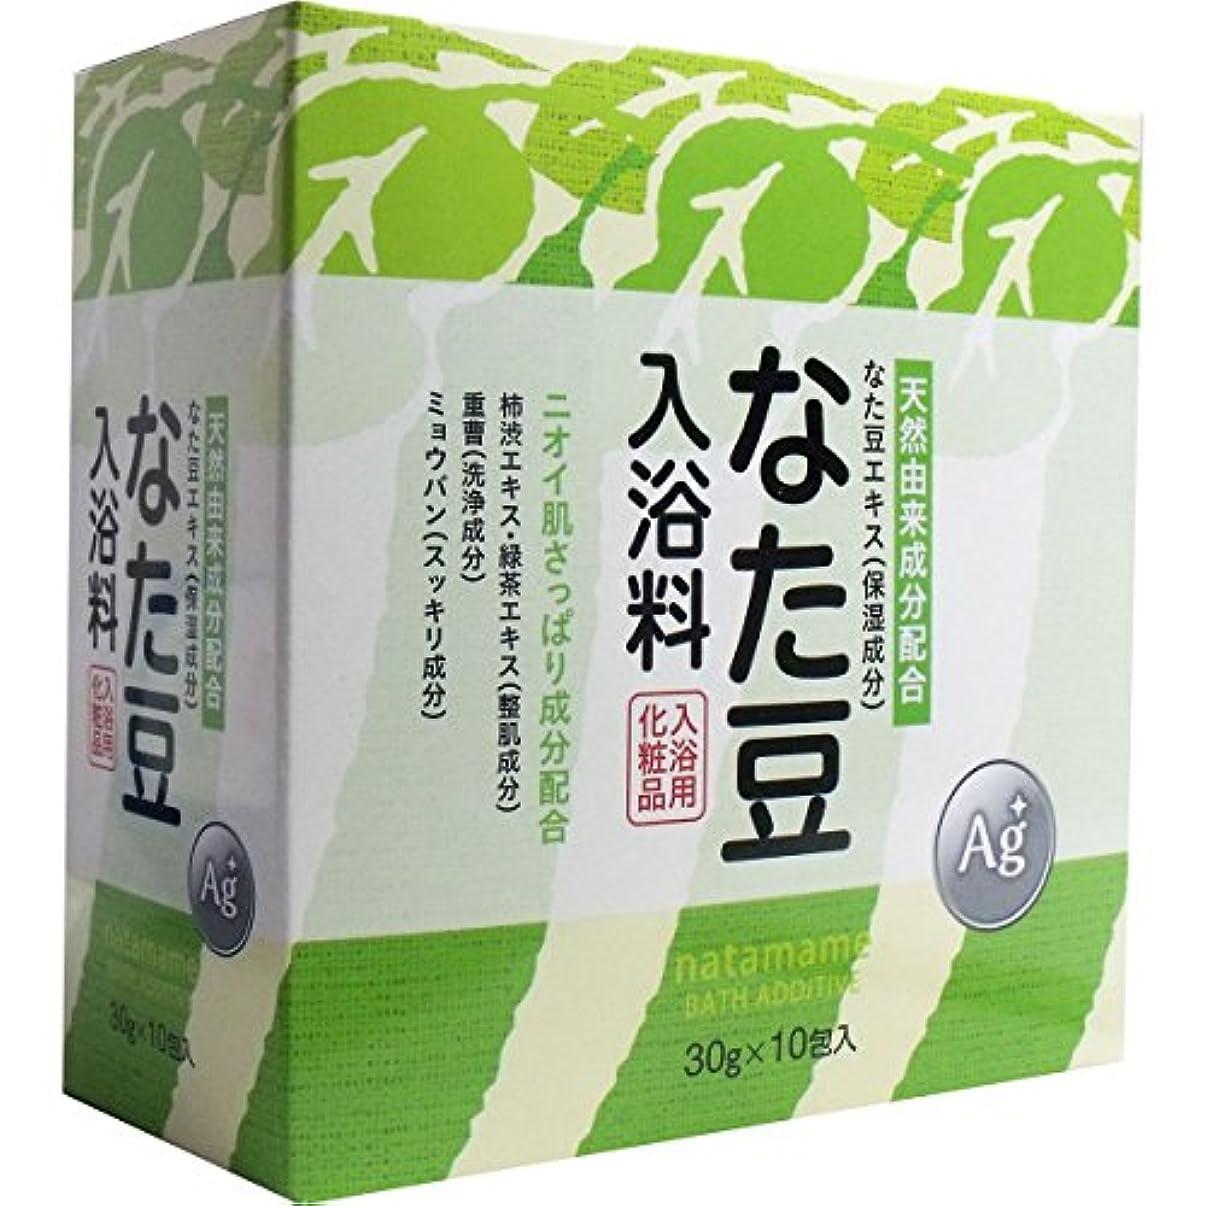 にもかかわらずお気に入りアイザックなた豆入浴料 入浴用化粧品 30g×10包入×5